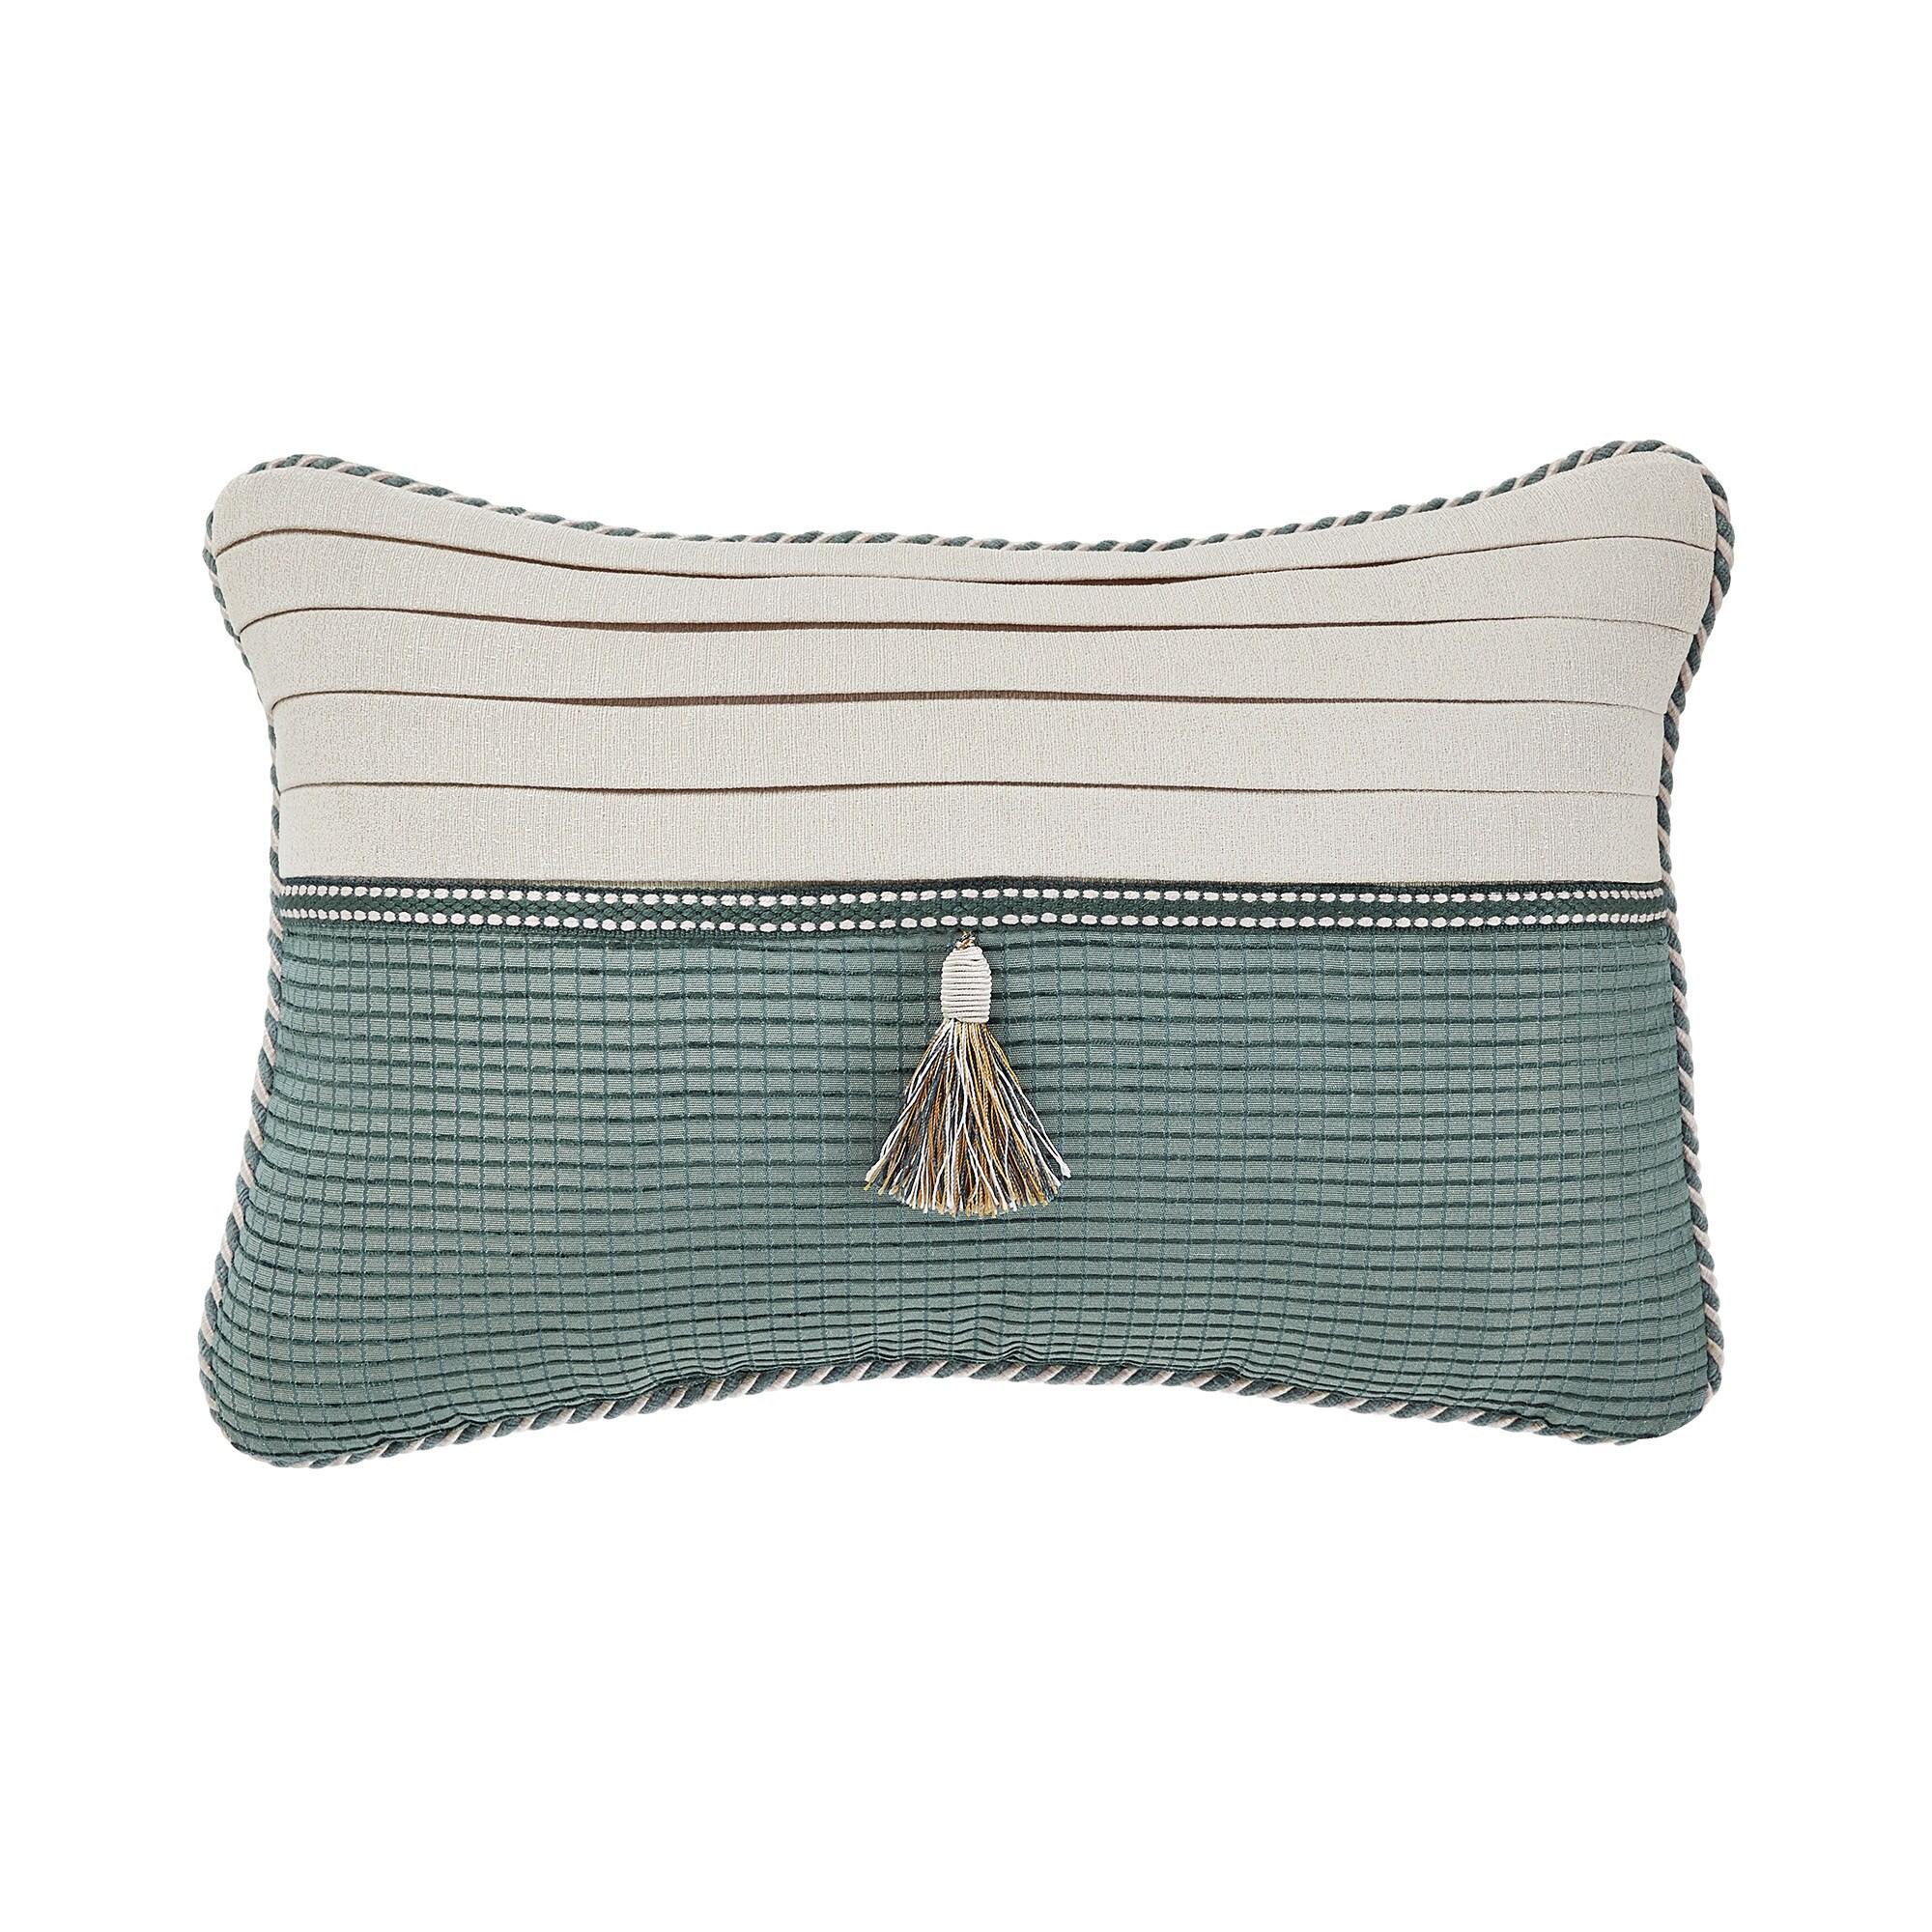 CROSCILL Beckett Boudoir Pillow 18X12